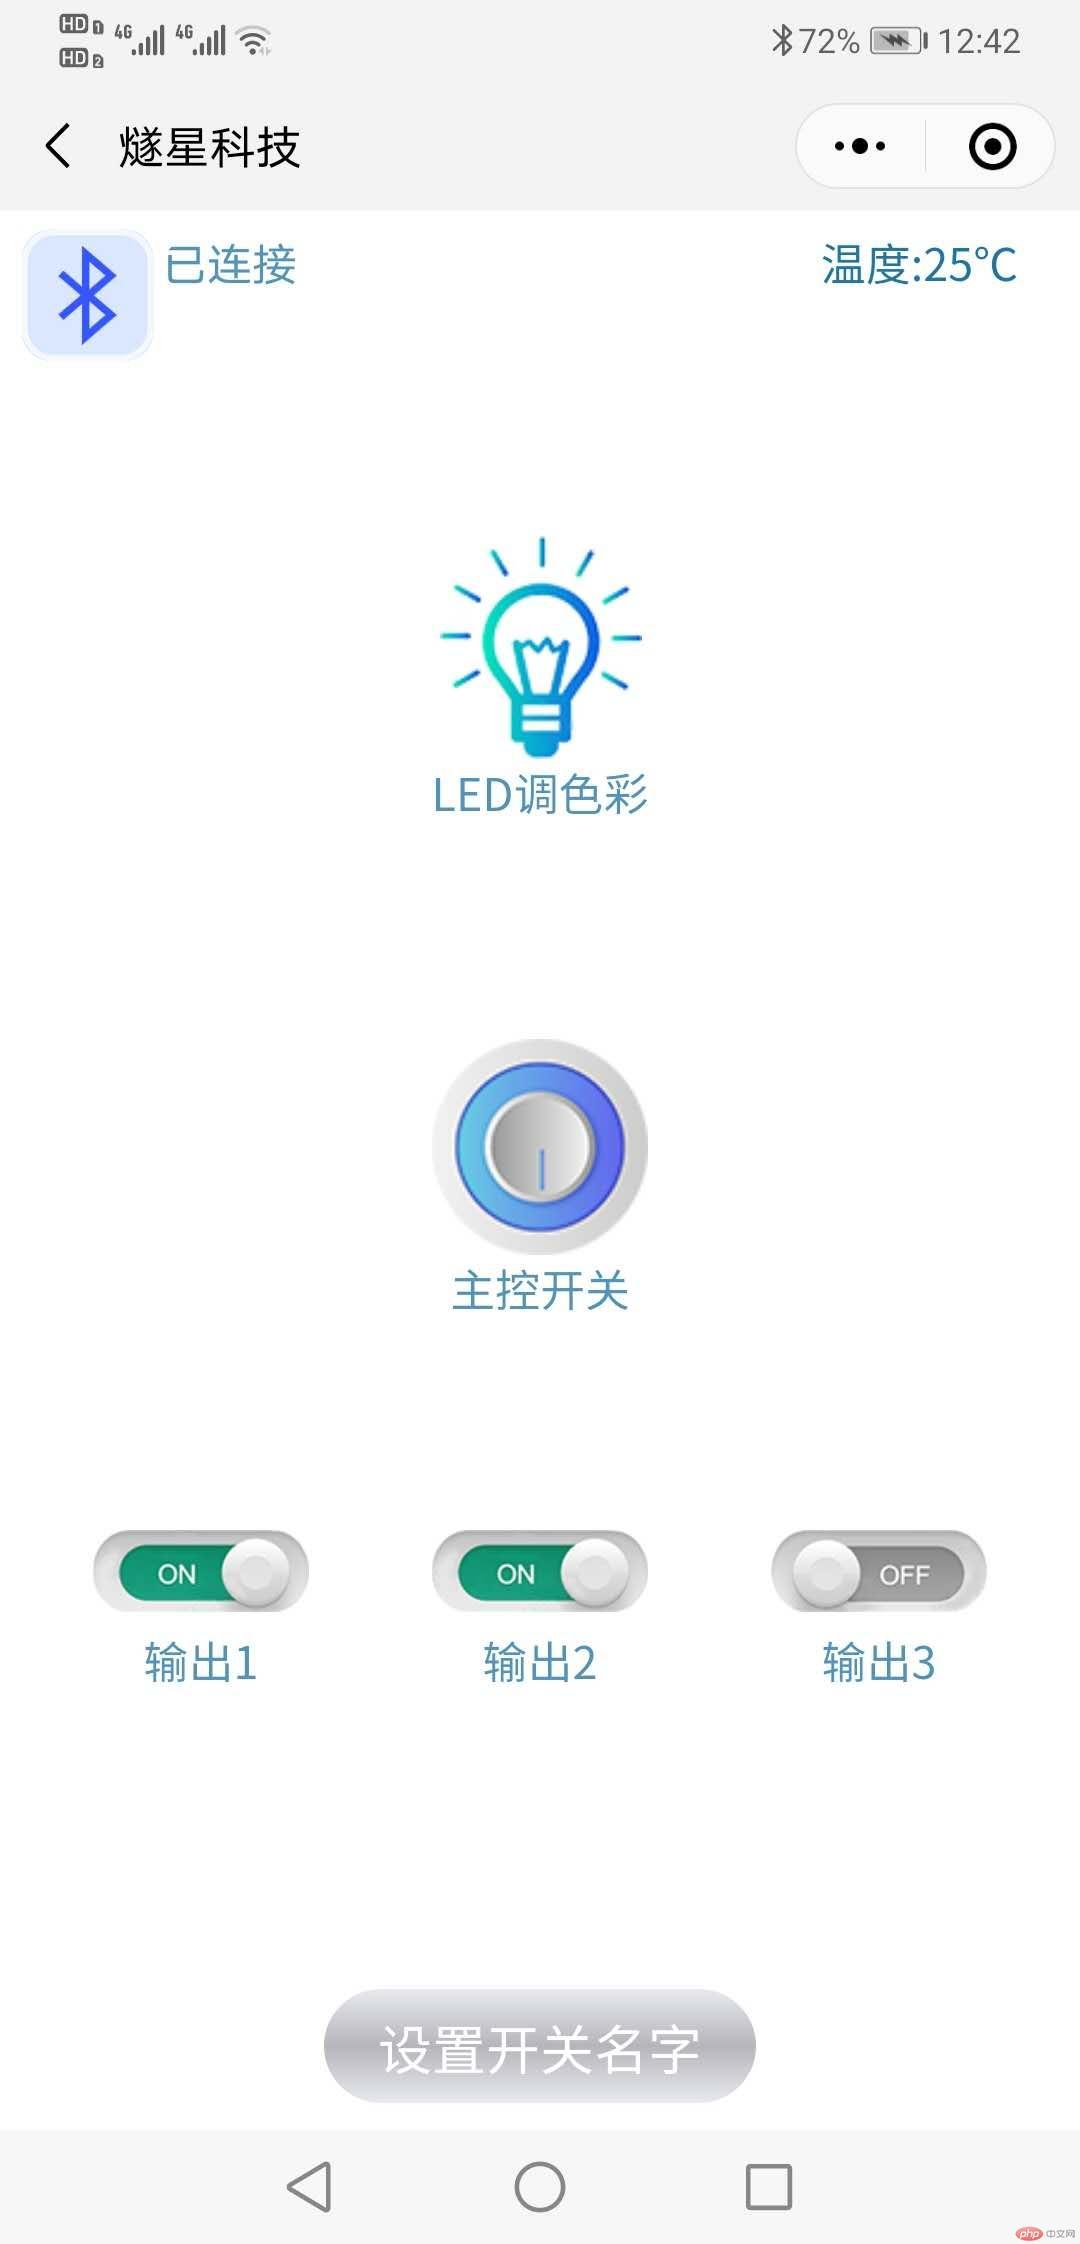 ledCtrl01.jpg